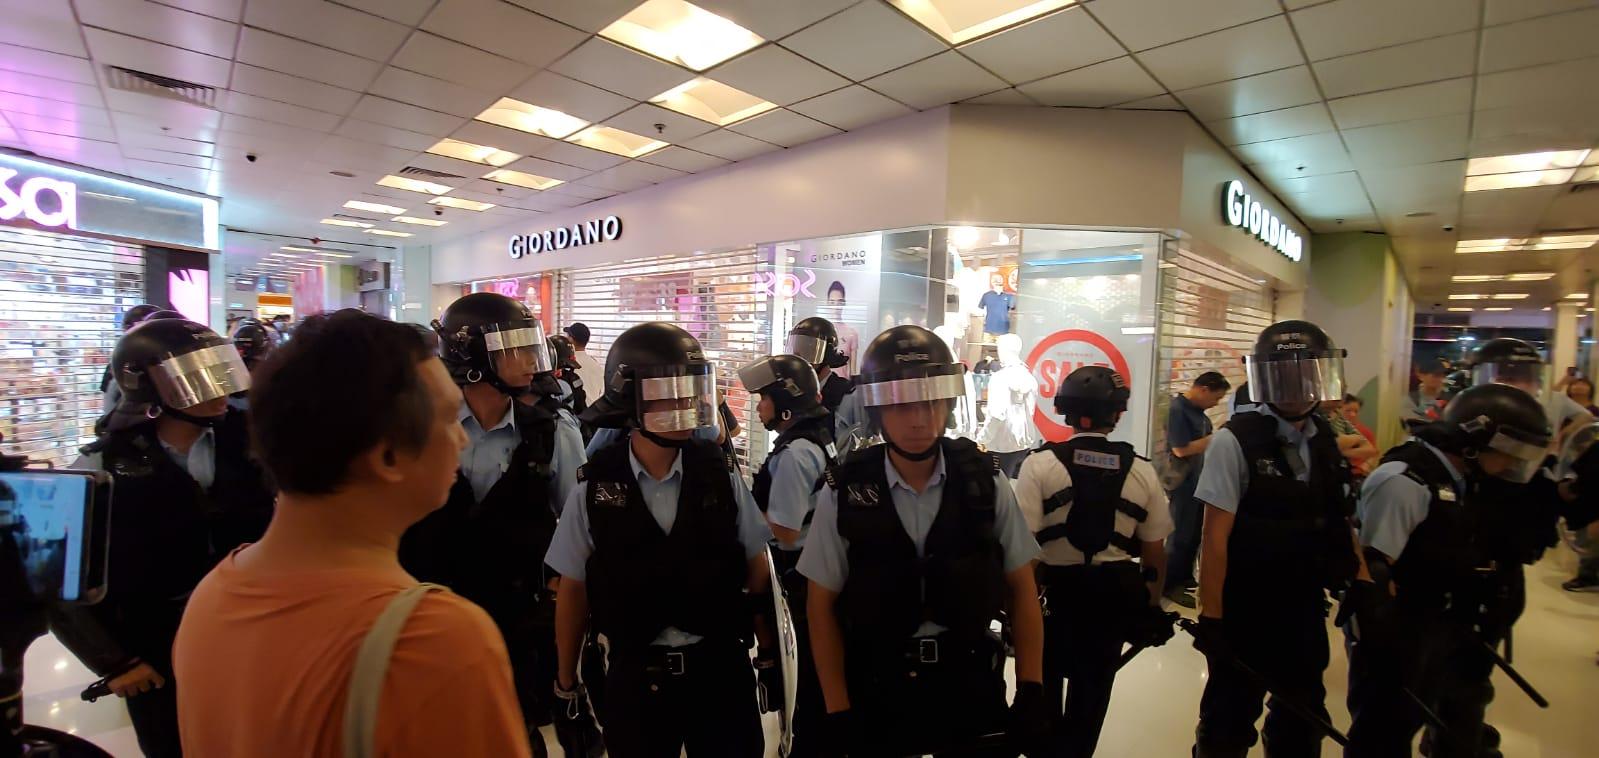 十多名持警棍及盾牌的防暴警察到場,在場人士呼叫口號。徐裕民攝